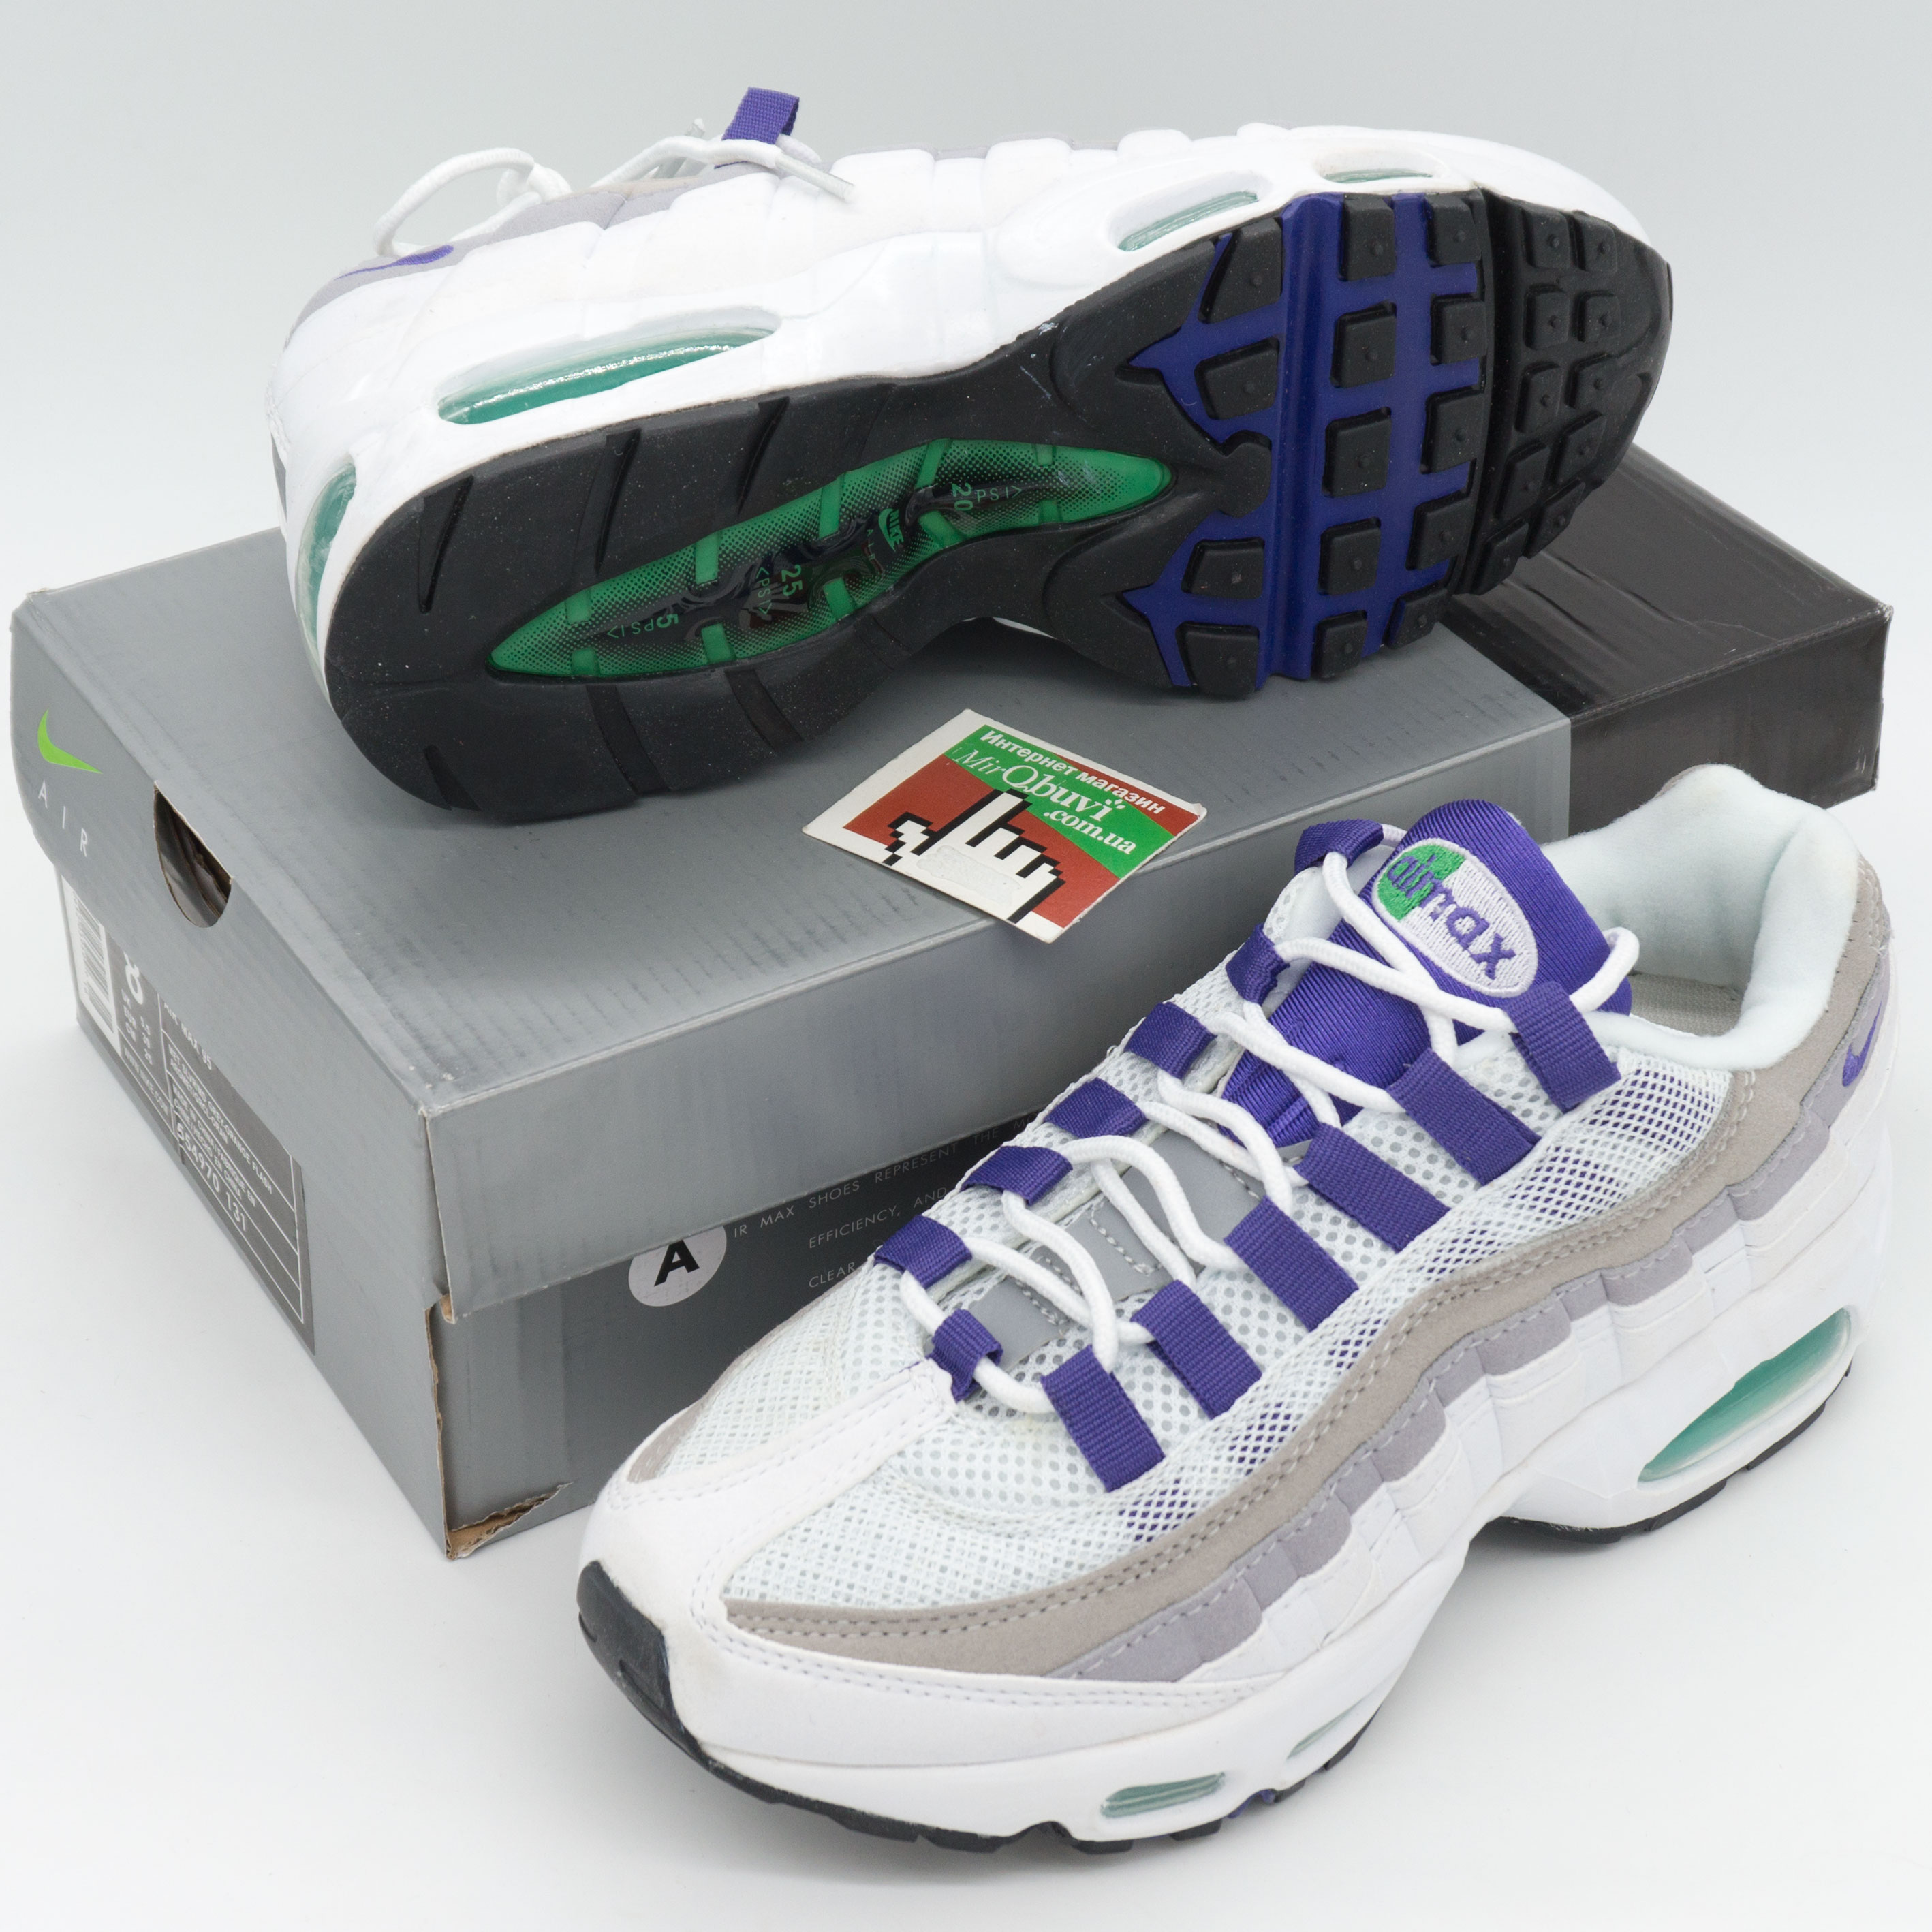 фото bottom Женские кроссовки Nike air max 95 бело-серо-фиолетовые. ТОП КАЧЕСТВО!!! bottom